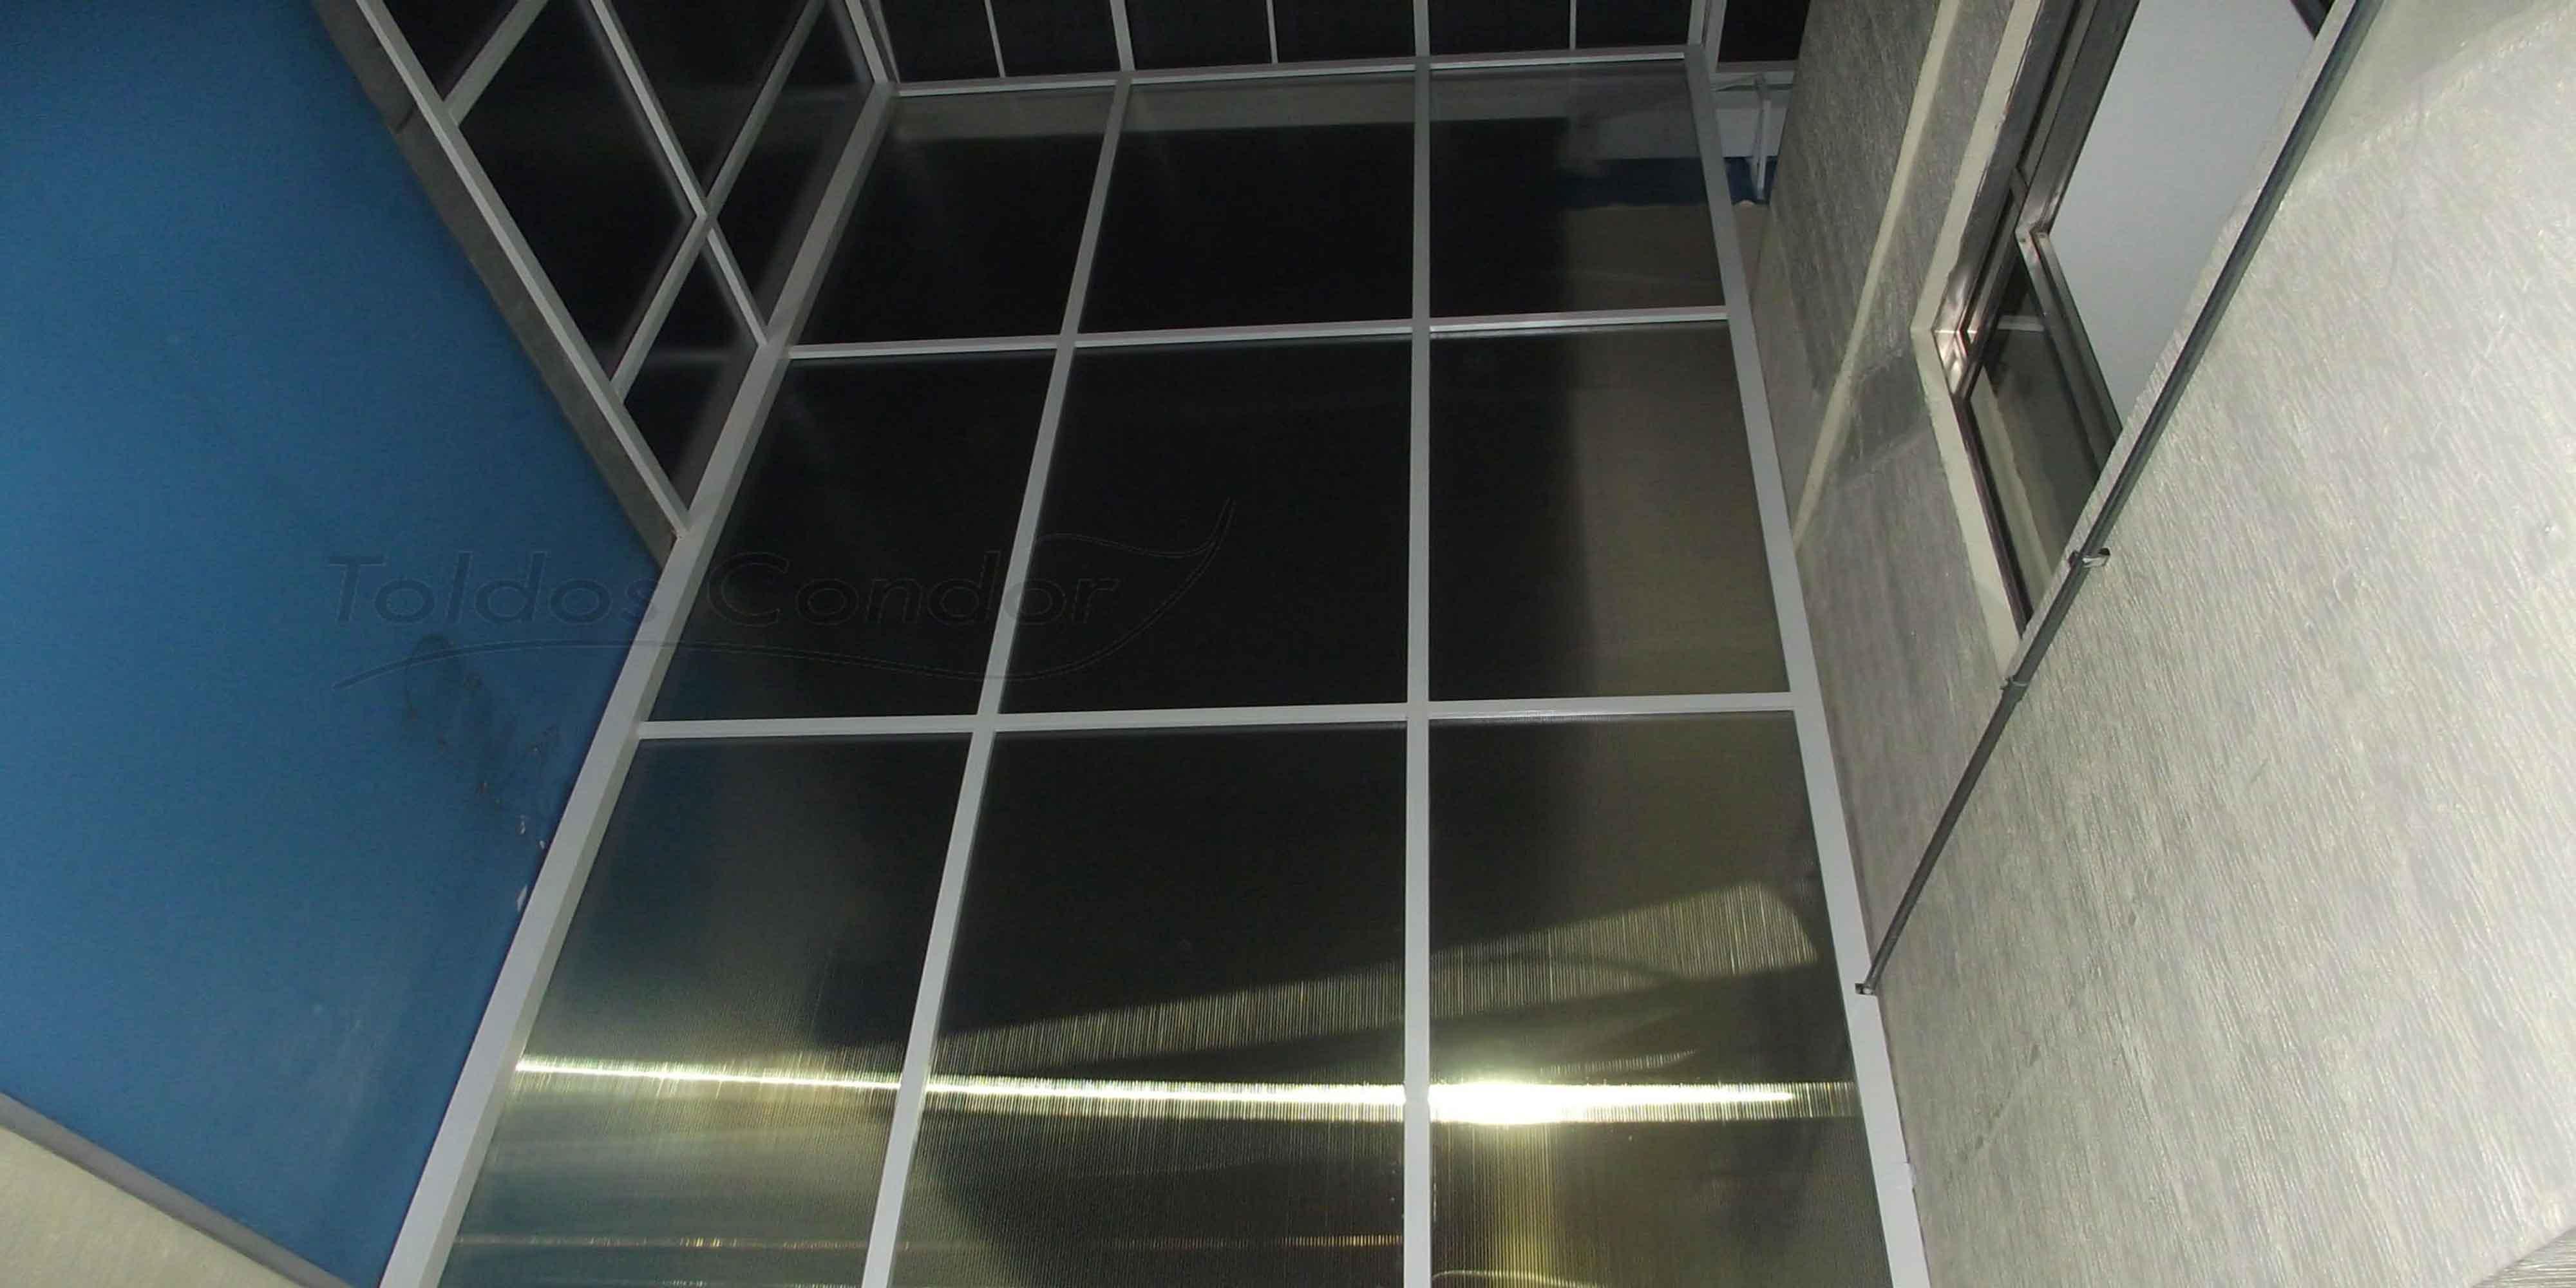 cobertura-policarbonato-compacto-gallery02